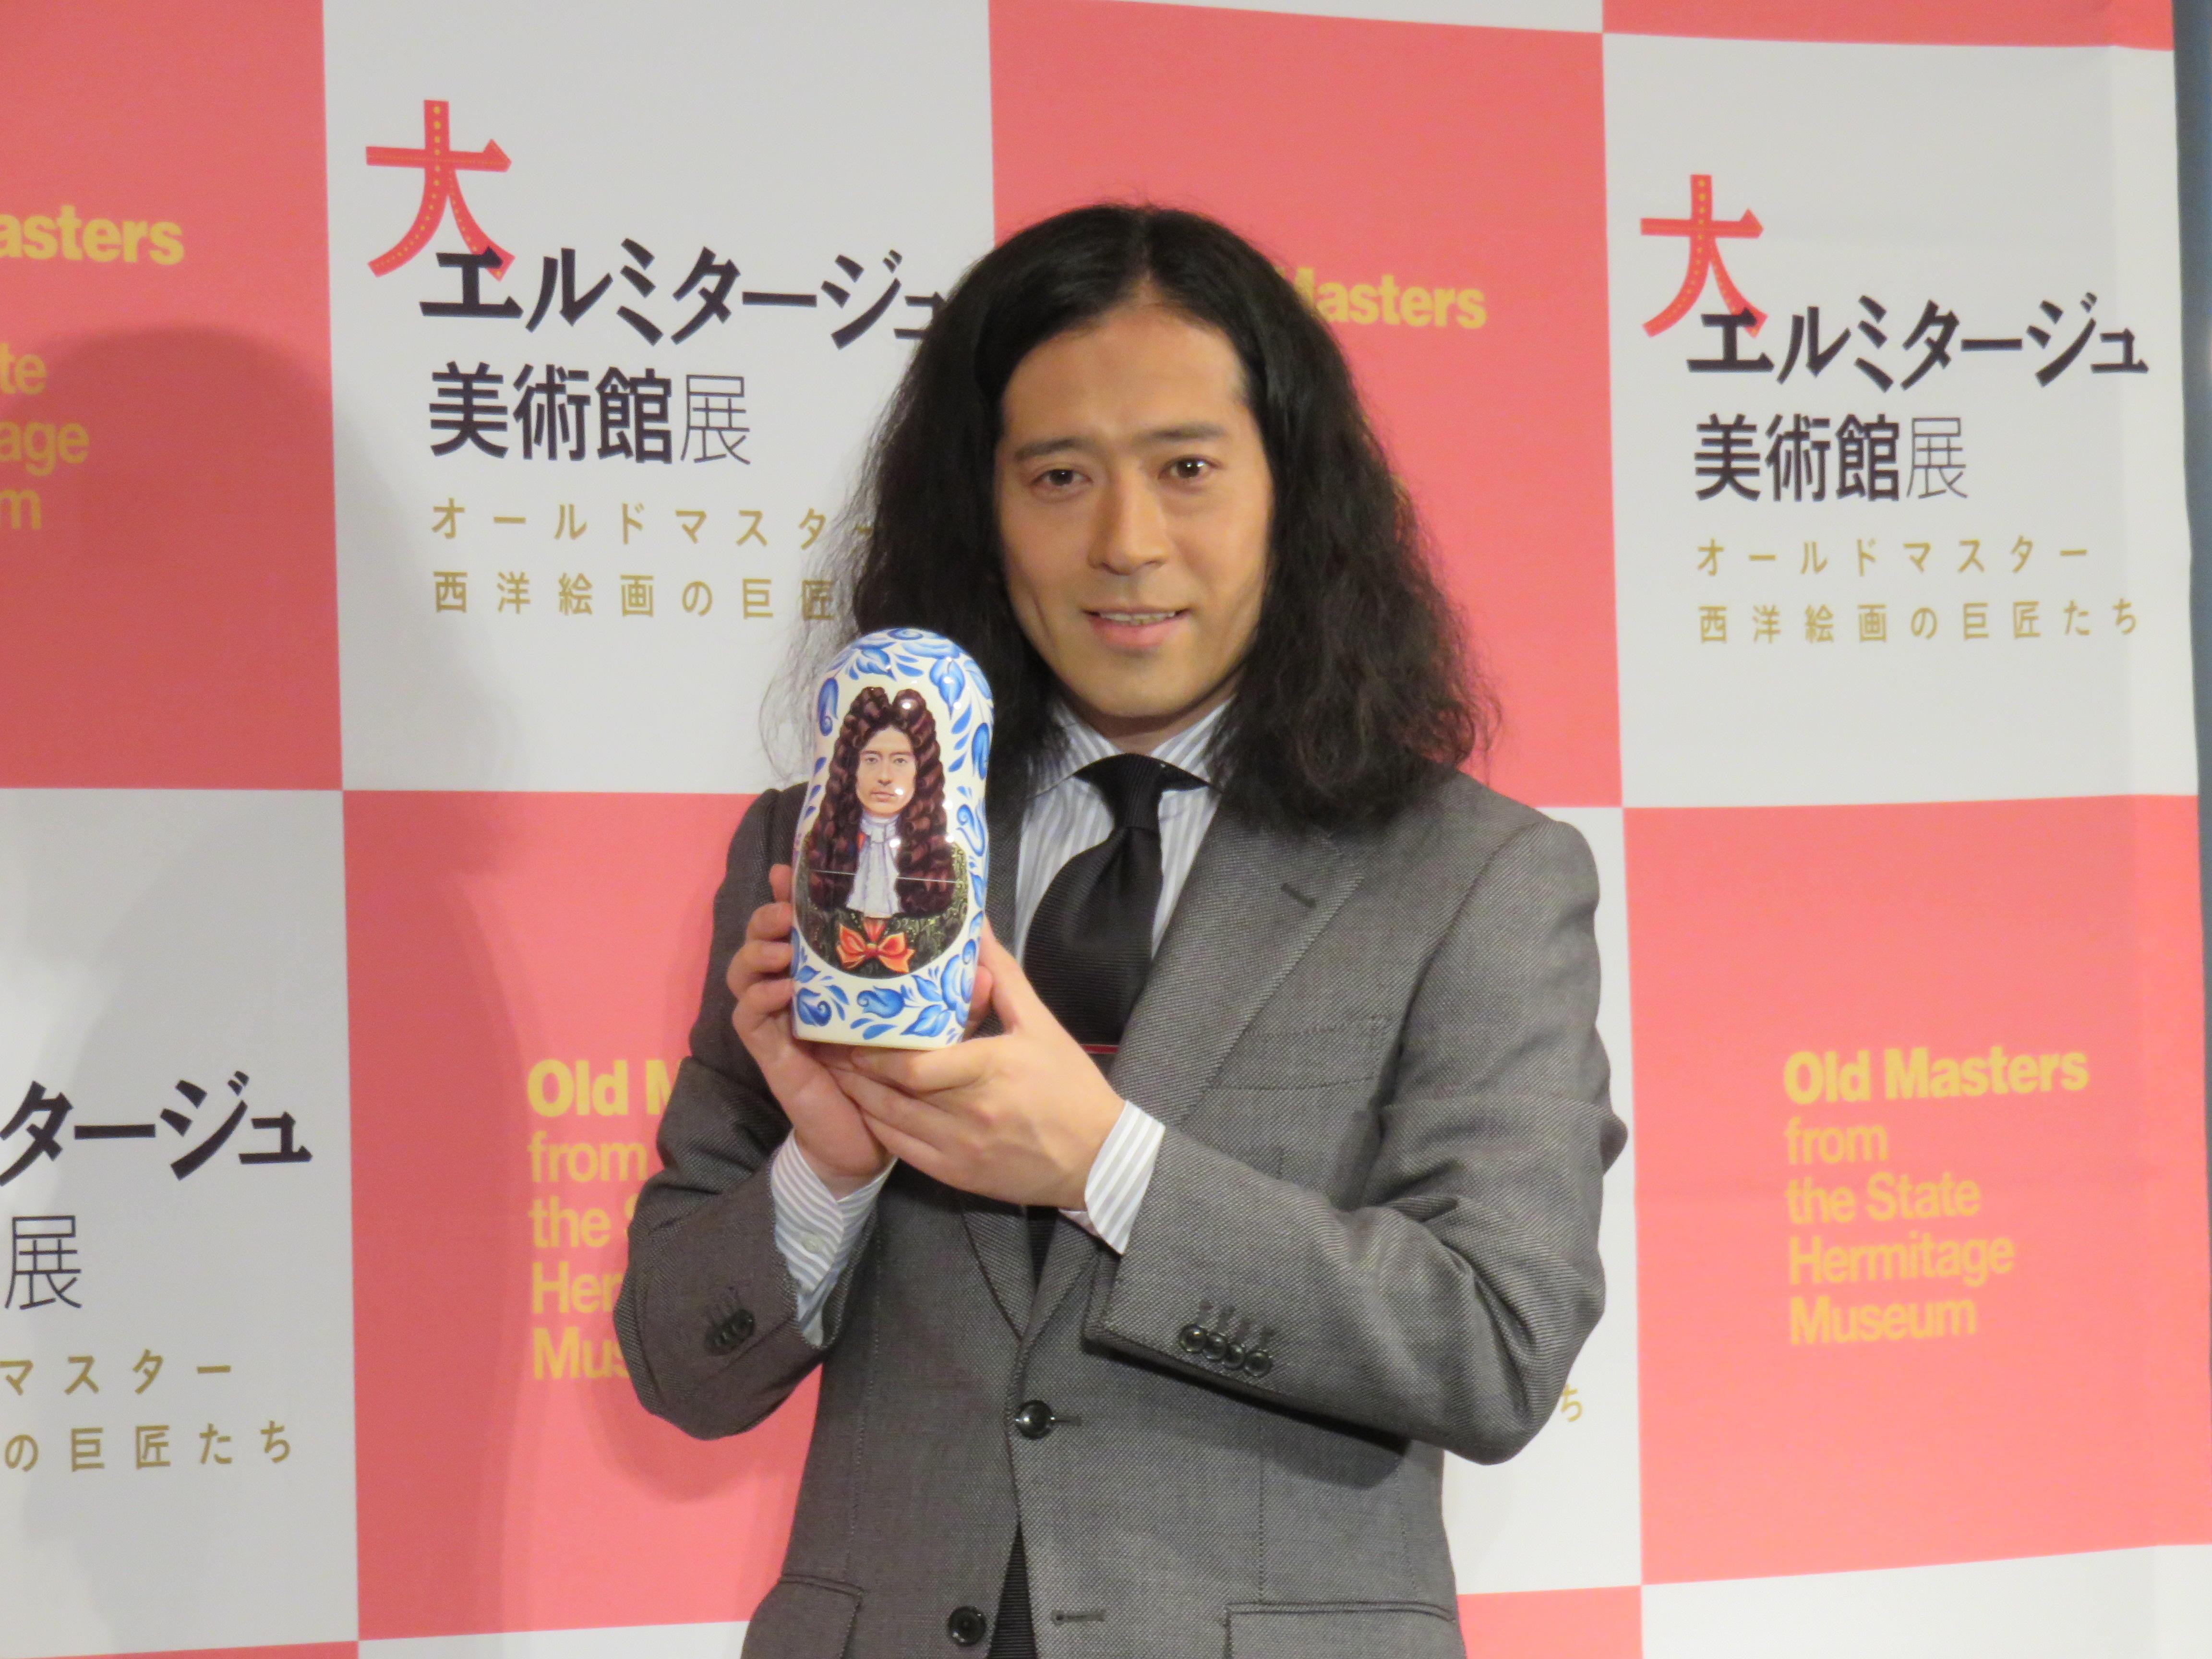 http://news.yoshimoto.co.jp/20170317220309-c1e8041da89bae3b869e25d0d25bc41822a8d439.jpg